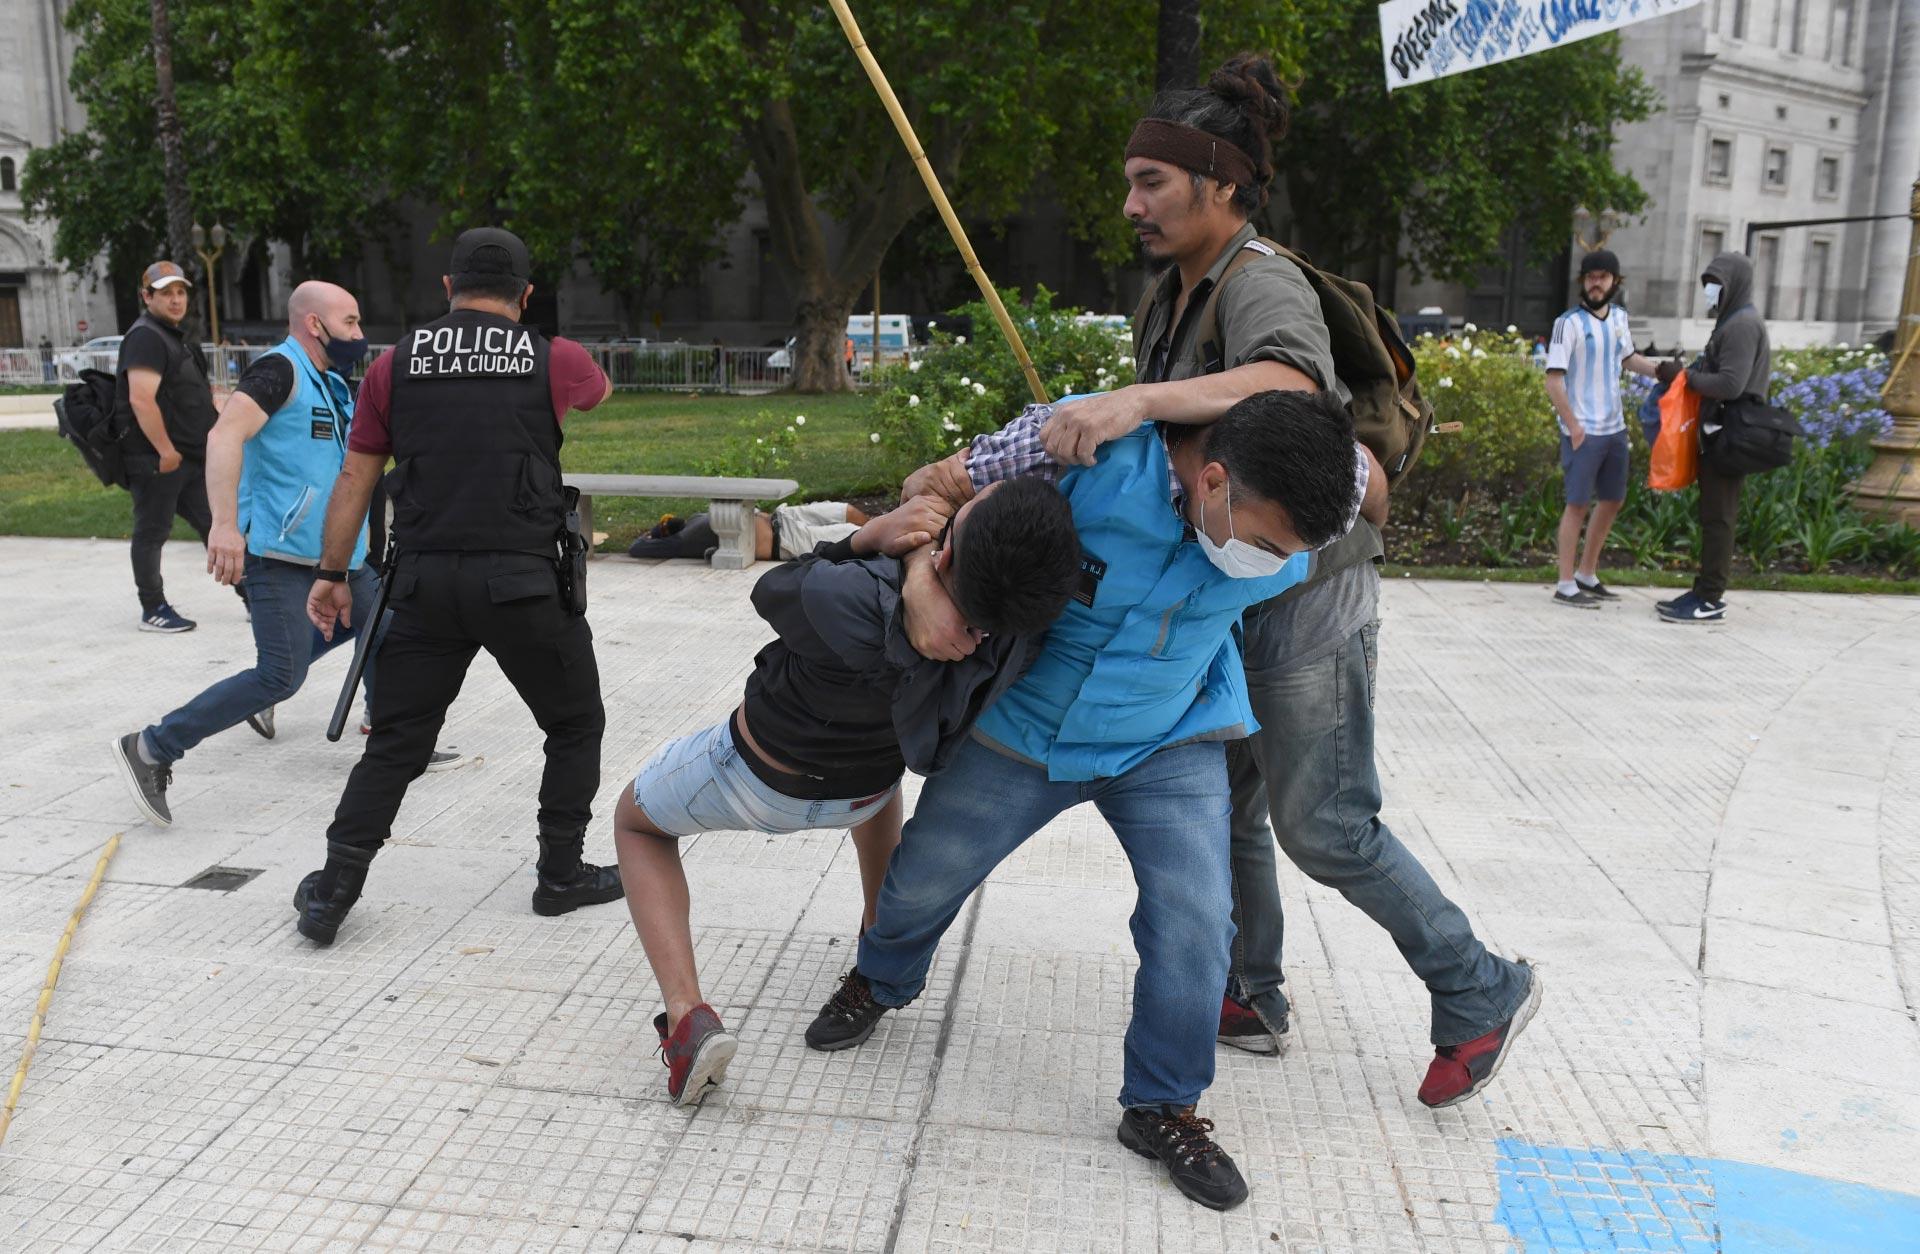 Efectivos de la policía de la Ciudad avanzan contra un fanático